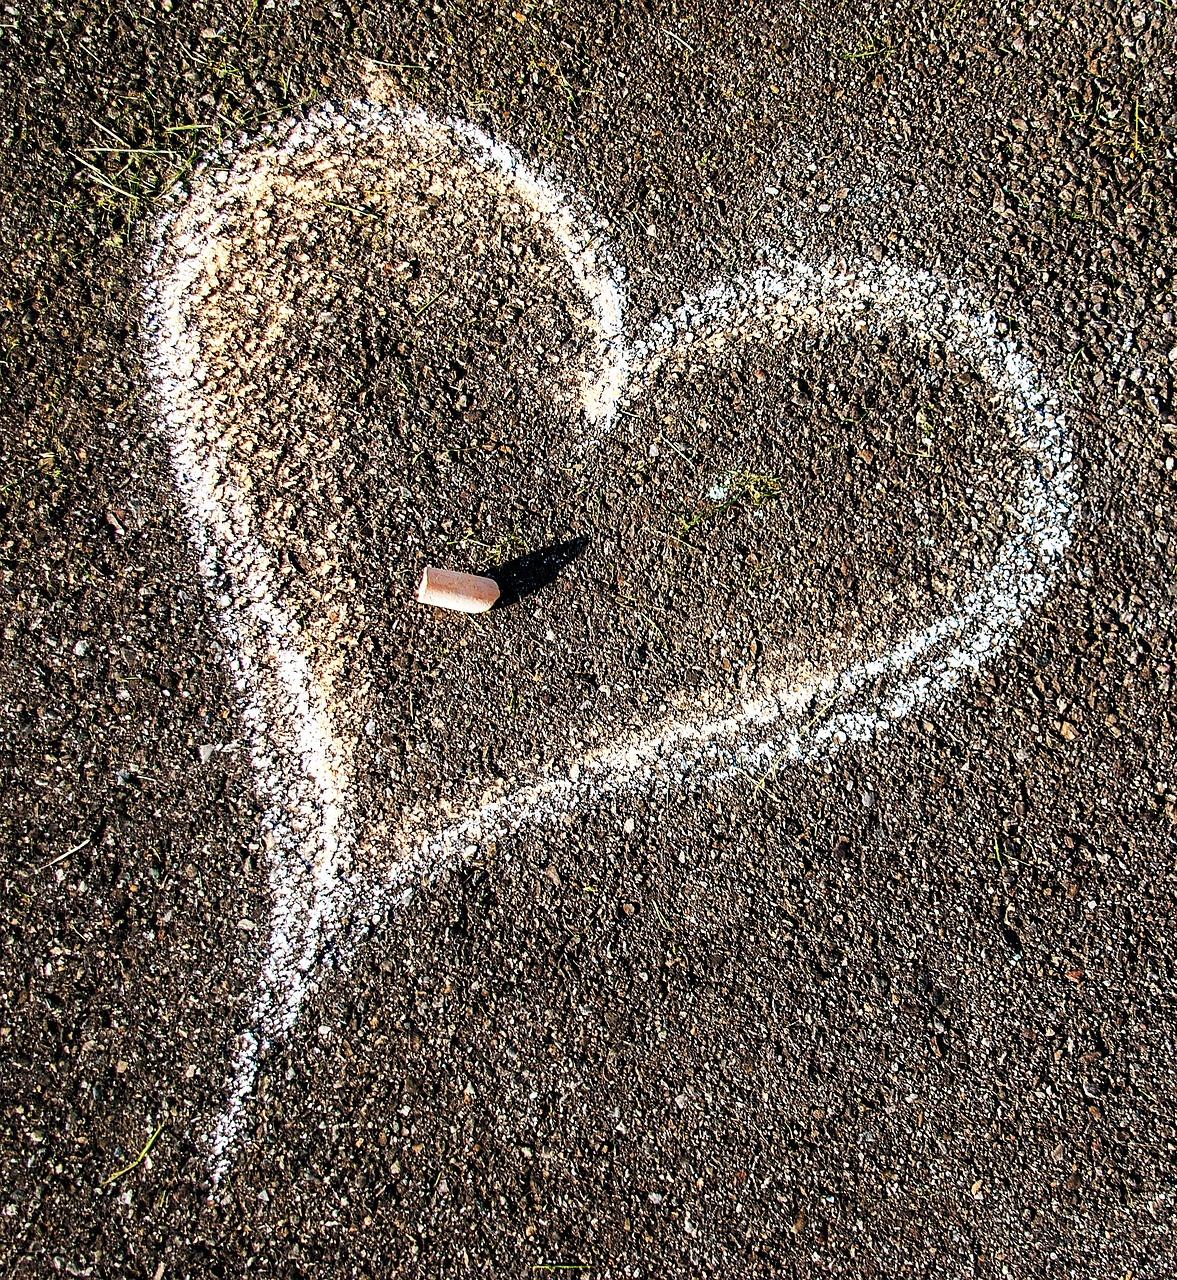 цена картинки любви на асфальте случае какой-либо